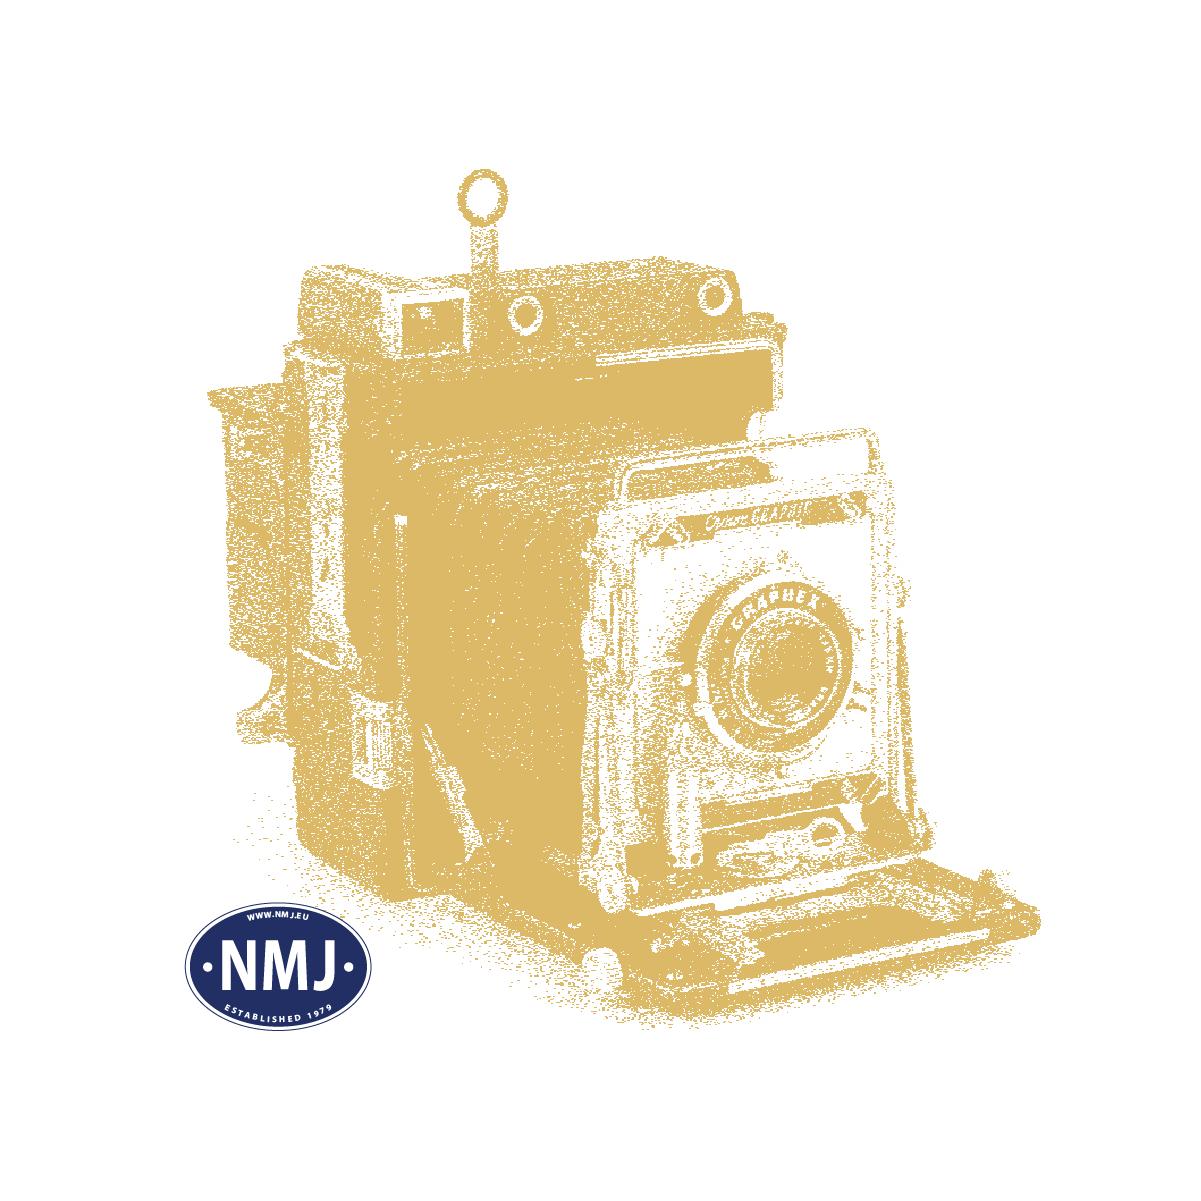 NMJT134.101 - NMJ Topline NSB DF37 21304, Gepäck und Schaffnerwagen, rotbraun